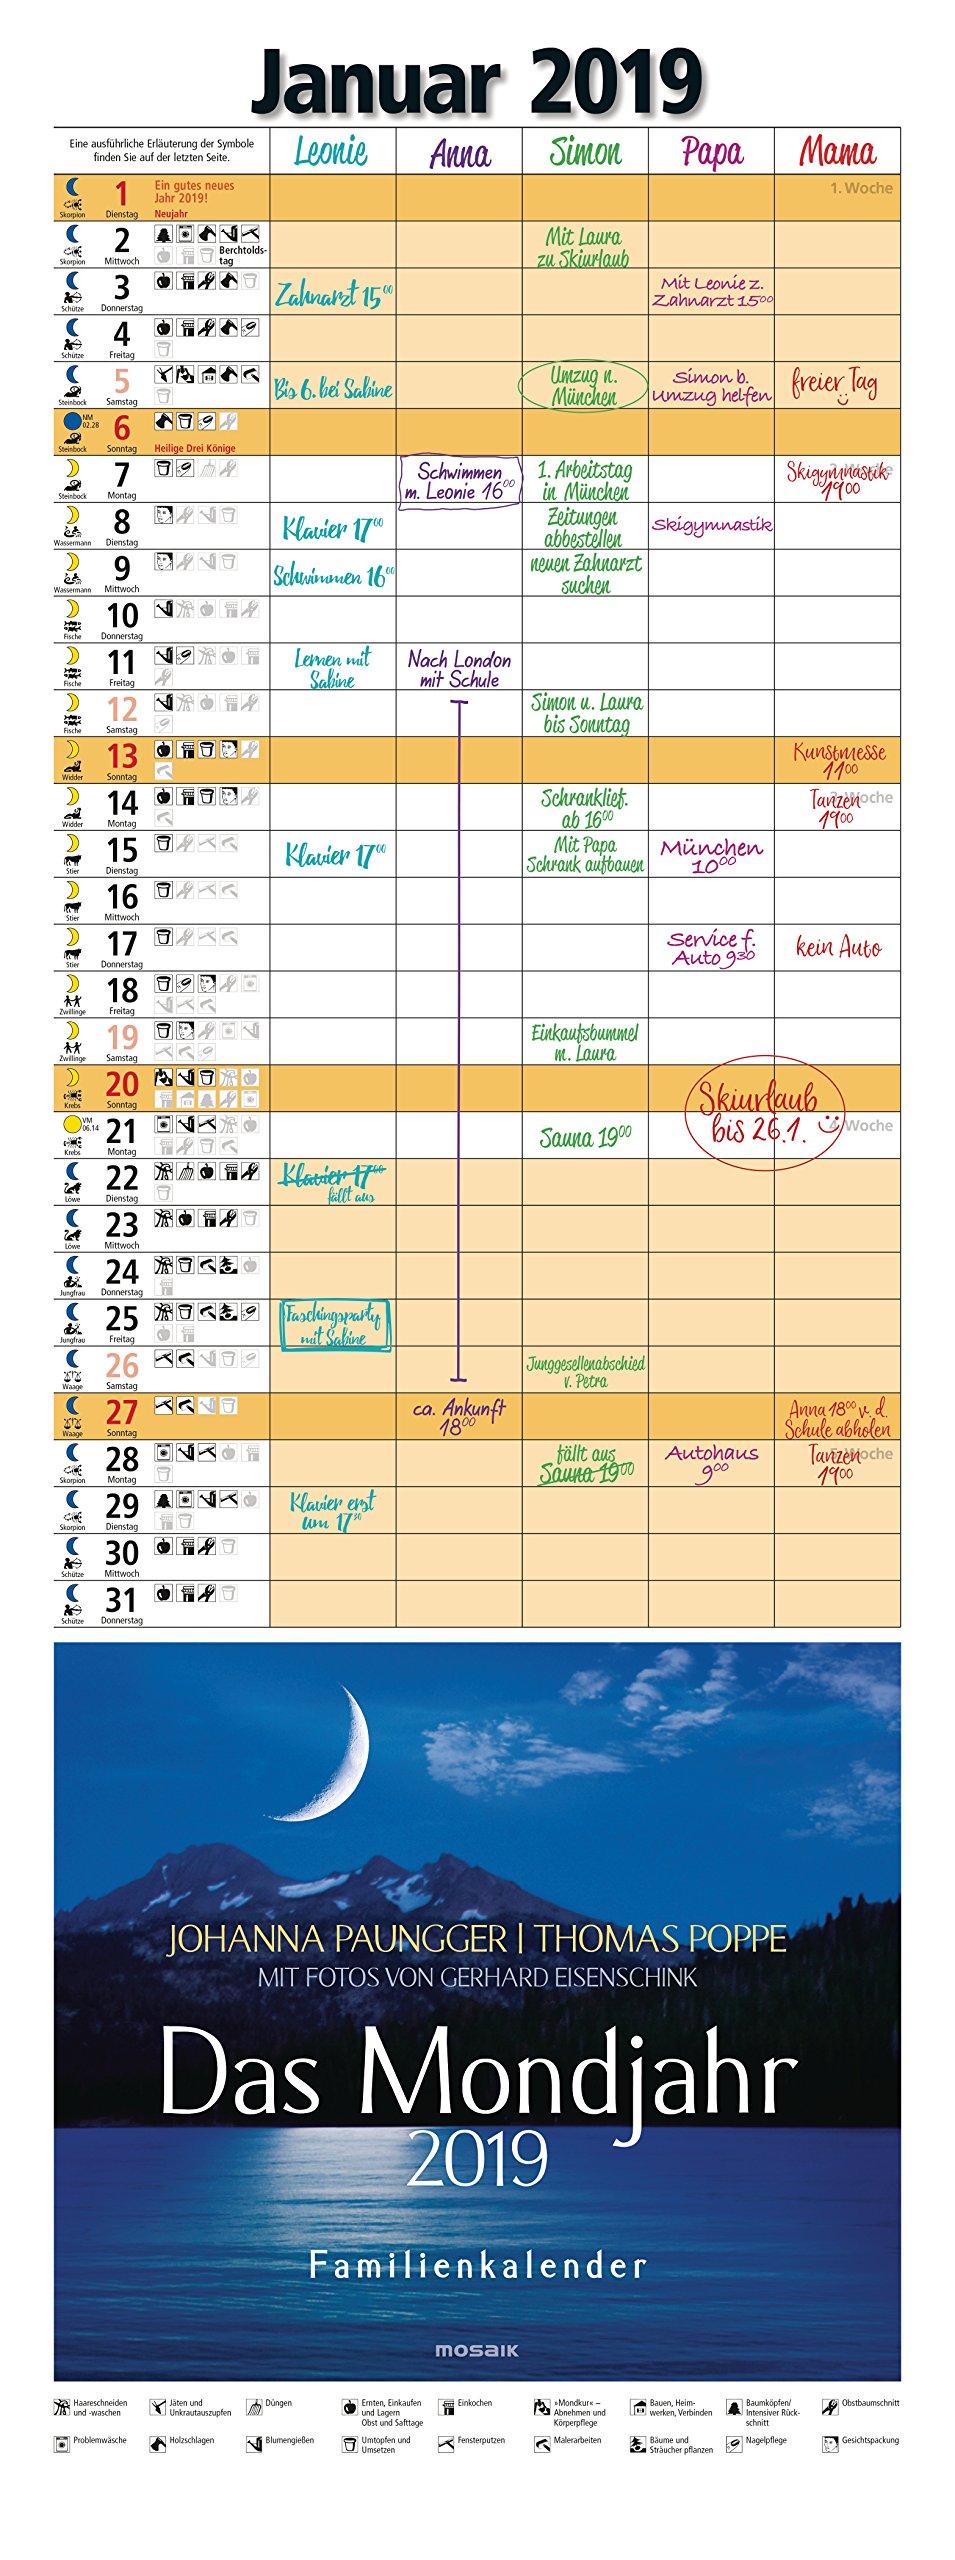 Das Mondjahr 2019: Familienkalender - Mit Fotos von Gerhard Eisenschink - Das Original Kalender – Wandkalender, 4. Juni 2018 Johanna Paungger Thomas Poppe Mosaik 3442319021